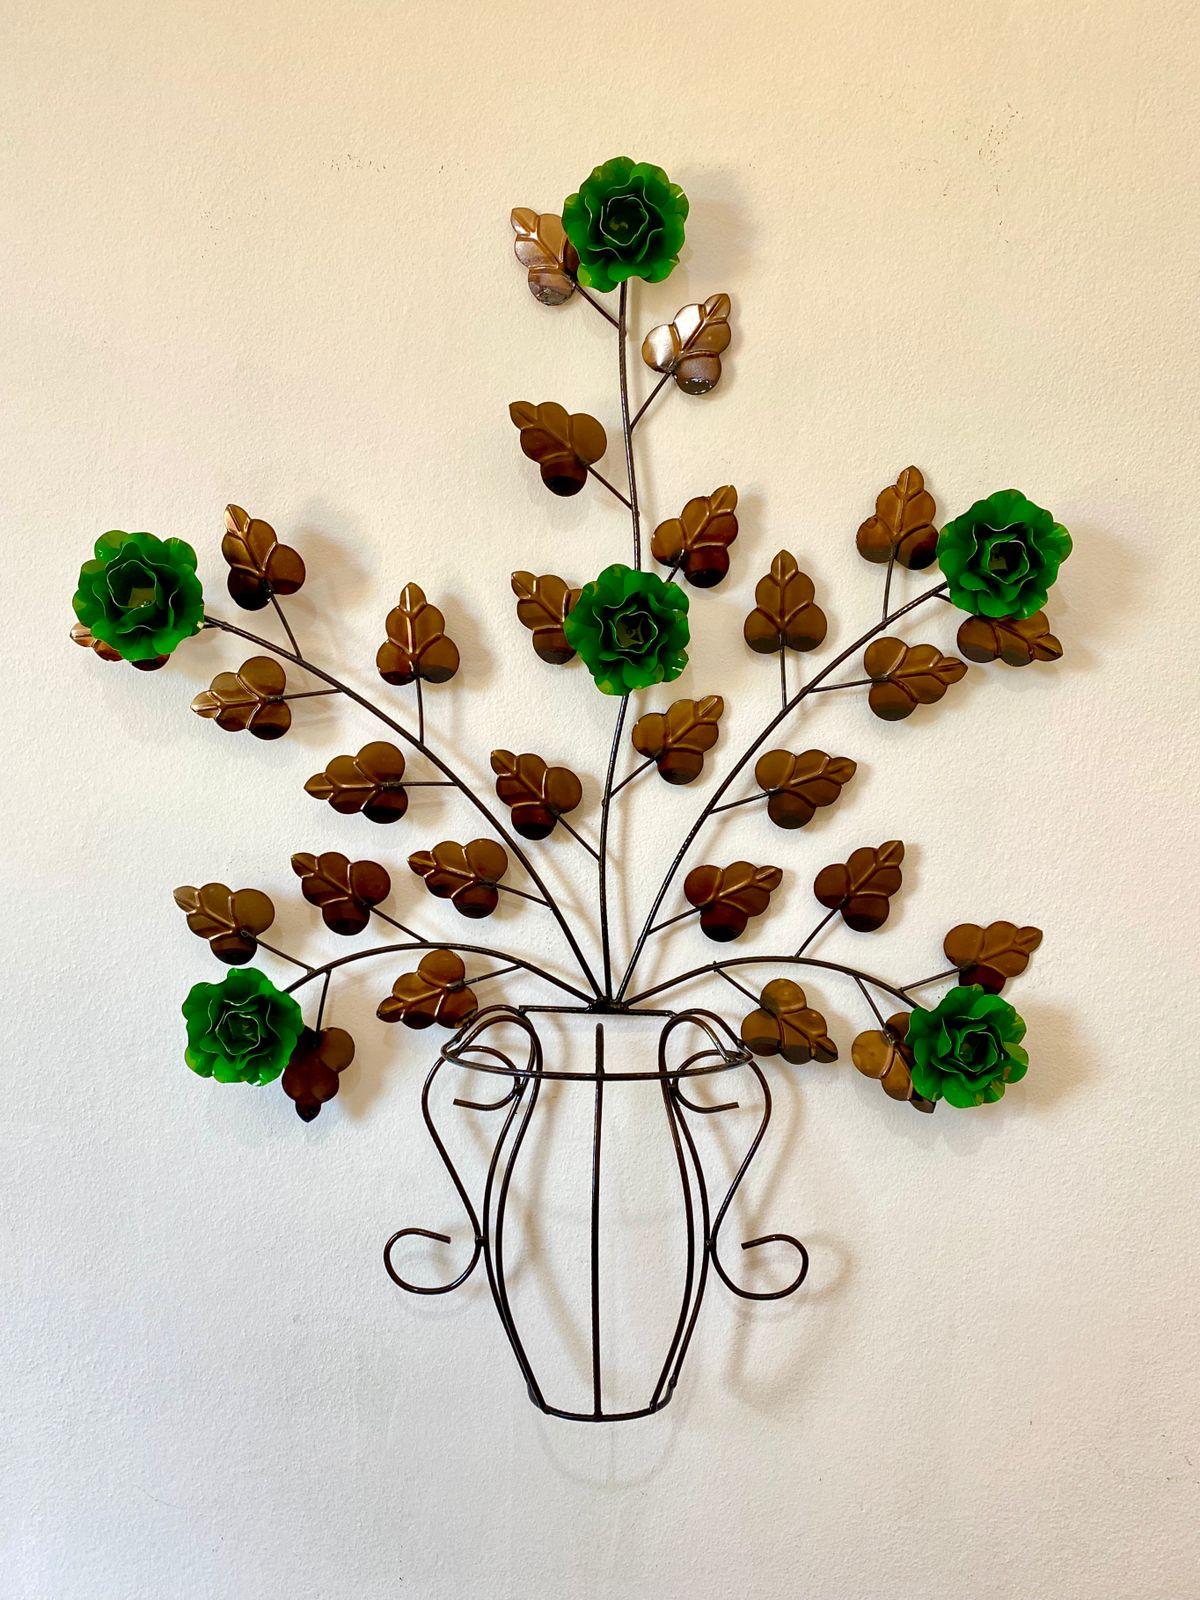 Moldura em Forma de Vaso de Flores Verdes